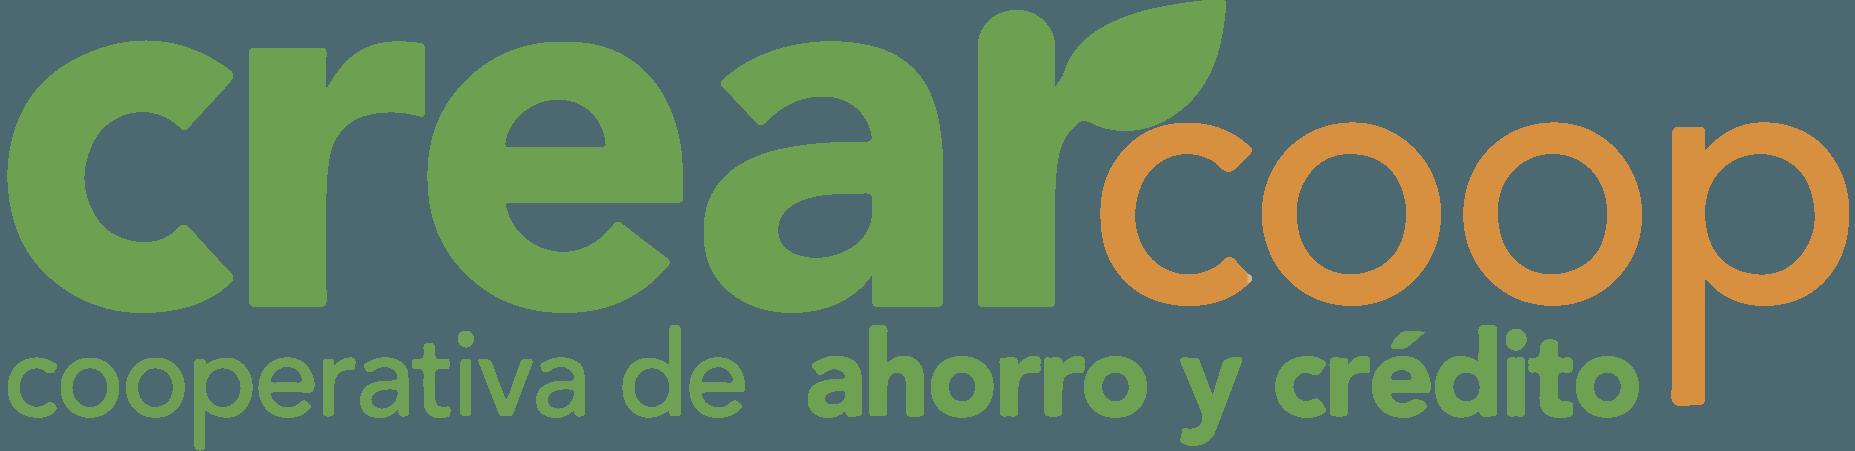 logos-clientes-Crearcoop